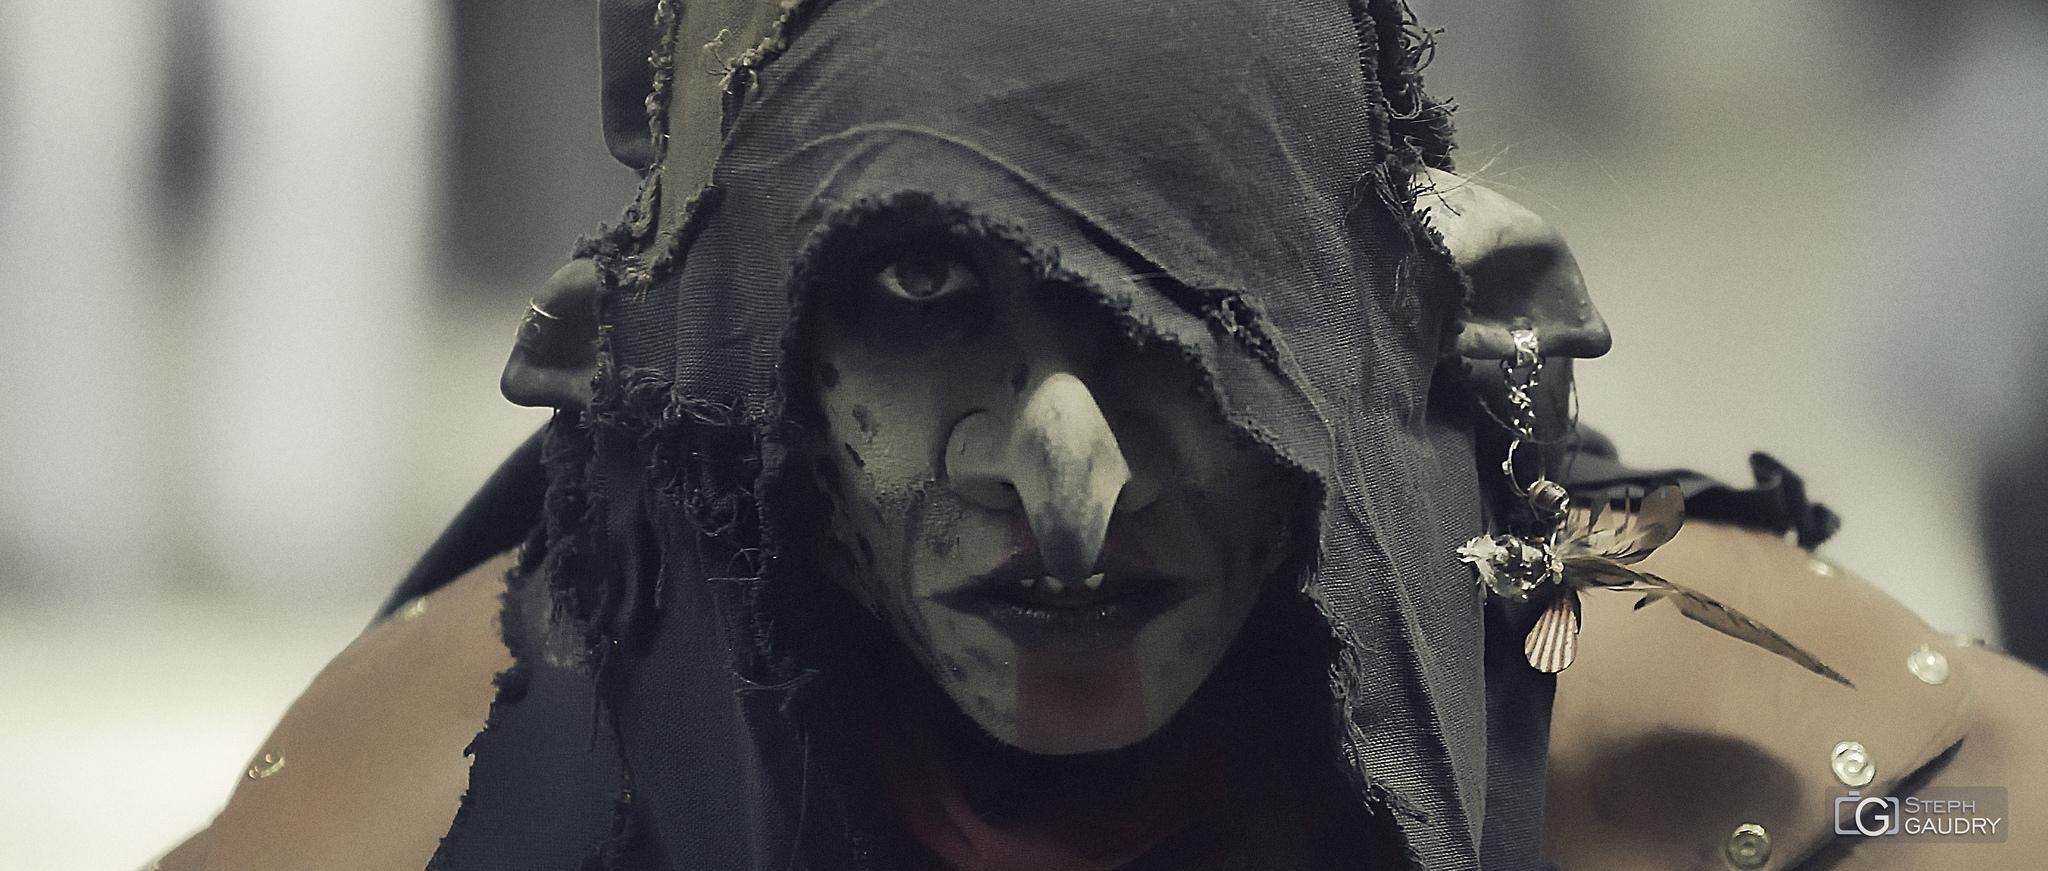 Trolls et légendes - Fizââk Zikkey [Click to start slideshow]